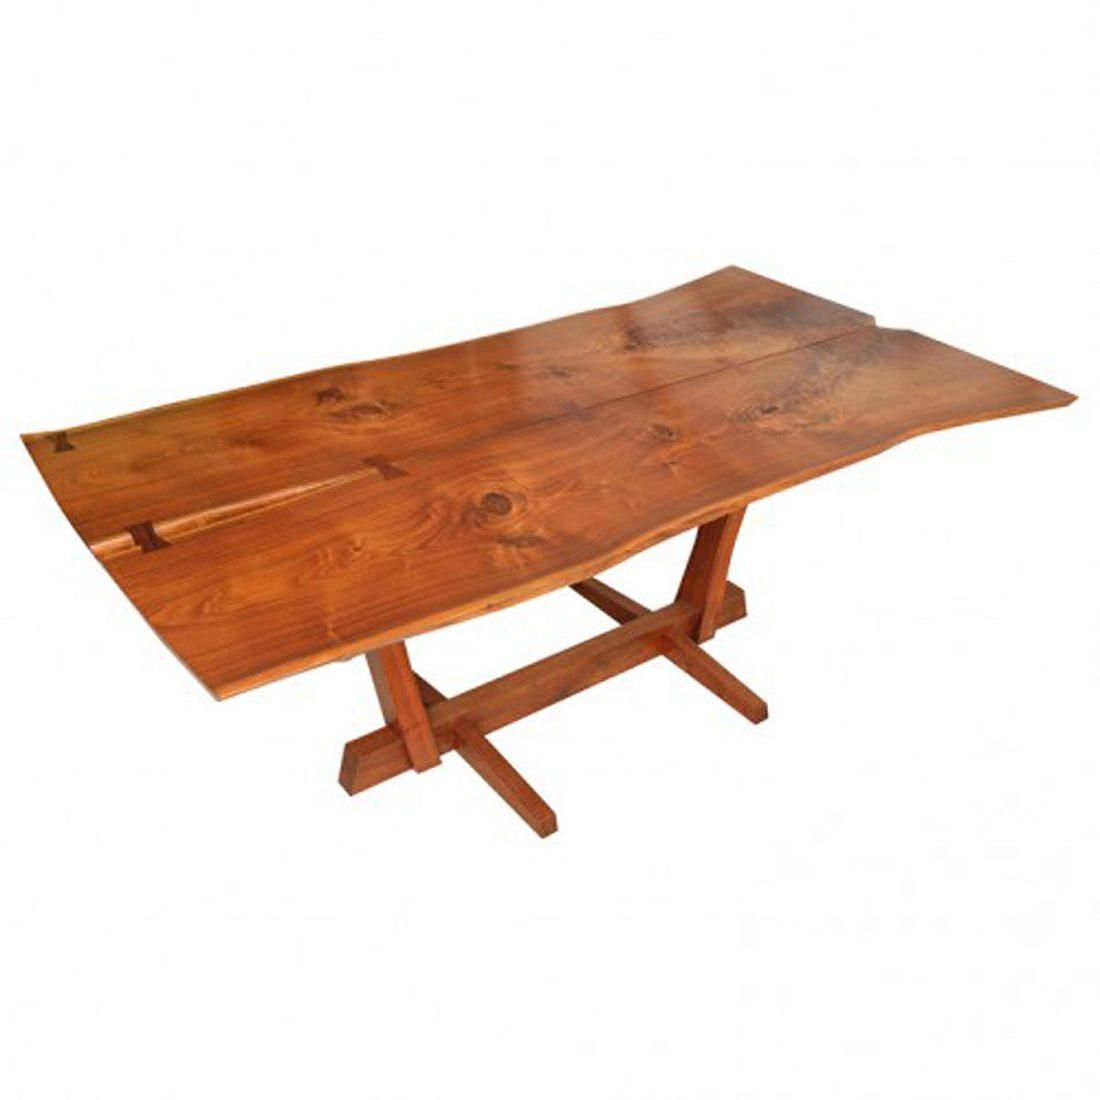 george-nakashima-table